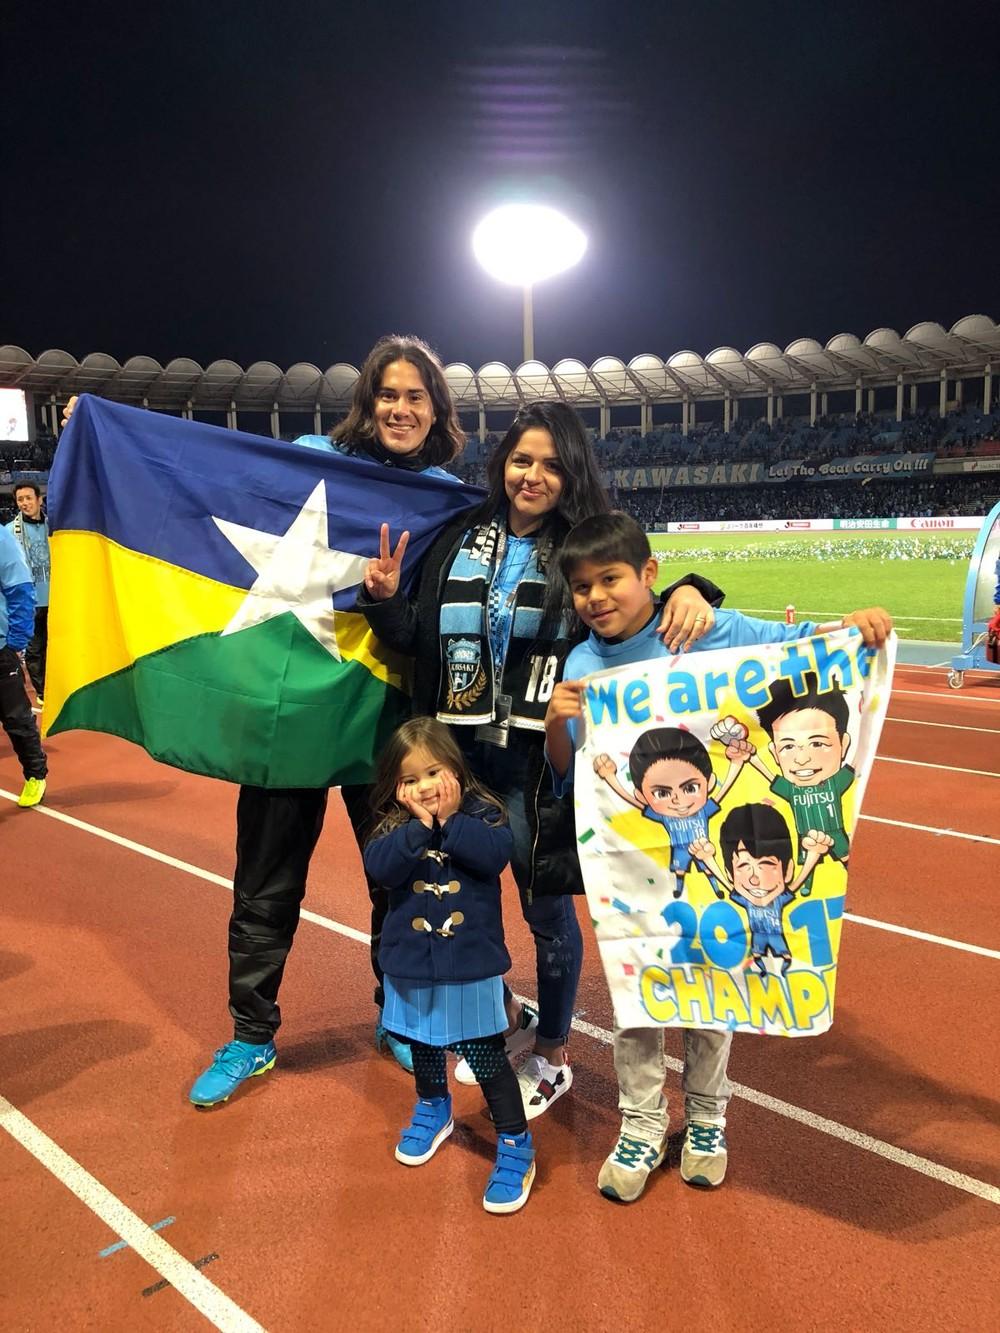 Esposa e filhos do jogador acompanharam a final do Campeonato Japonês (Foto: Elsinho Ferreira/ arquivo pessoal)